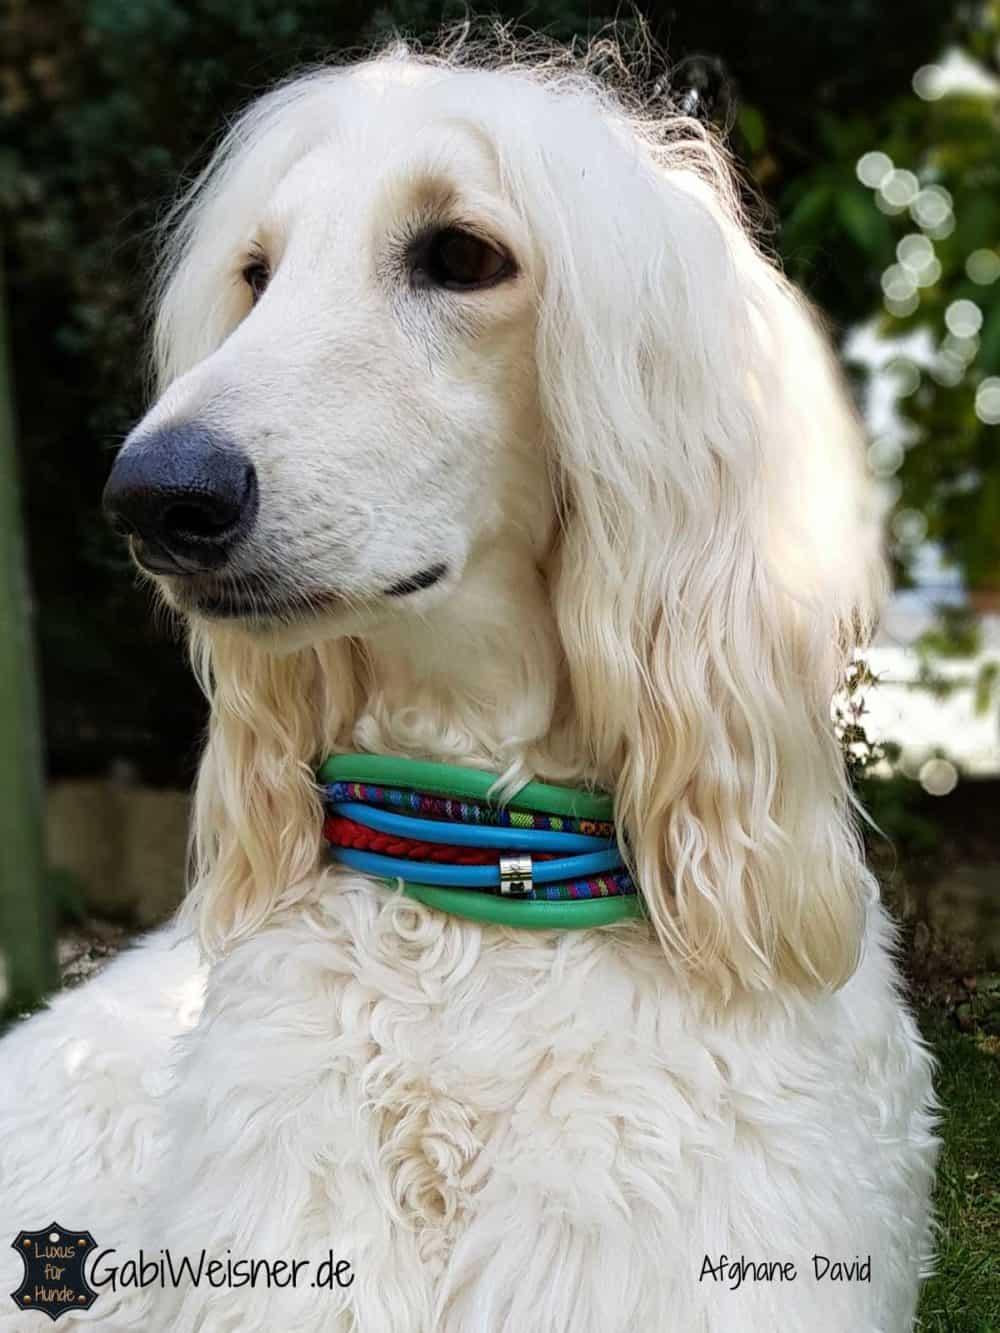 Hundehalsband 6 cm breit mit Zugstopp. Afghane David.